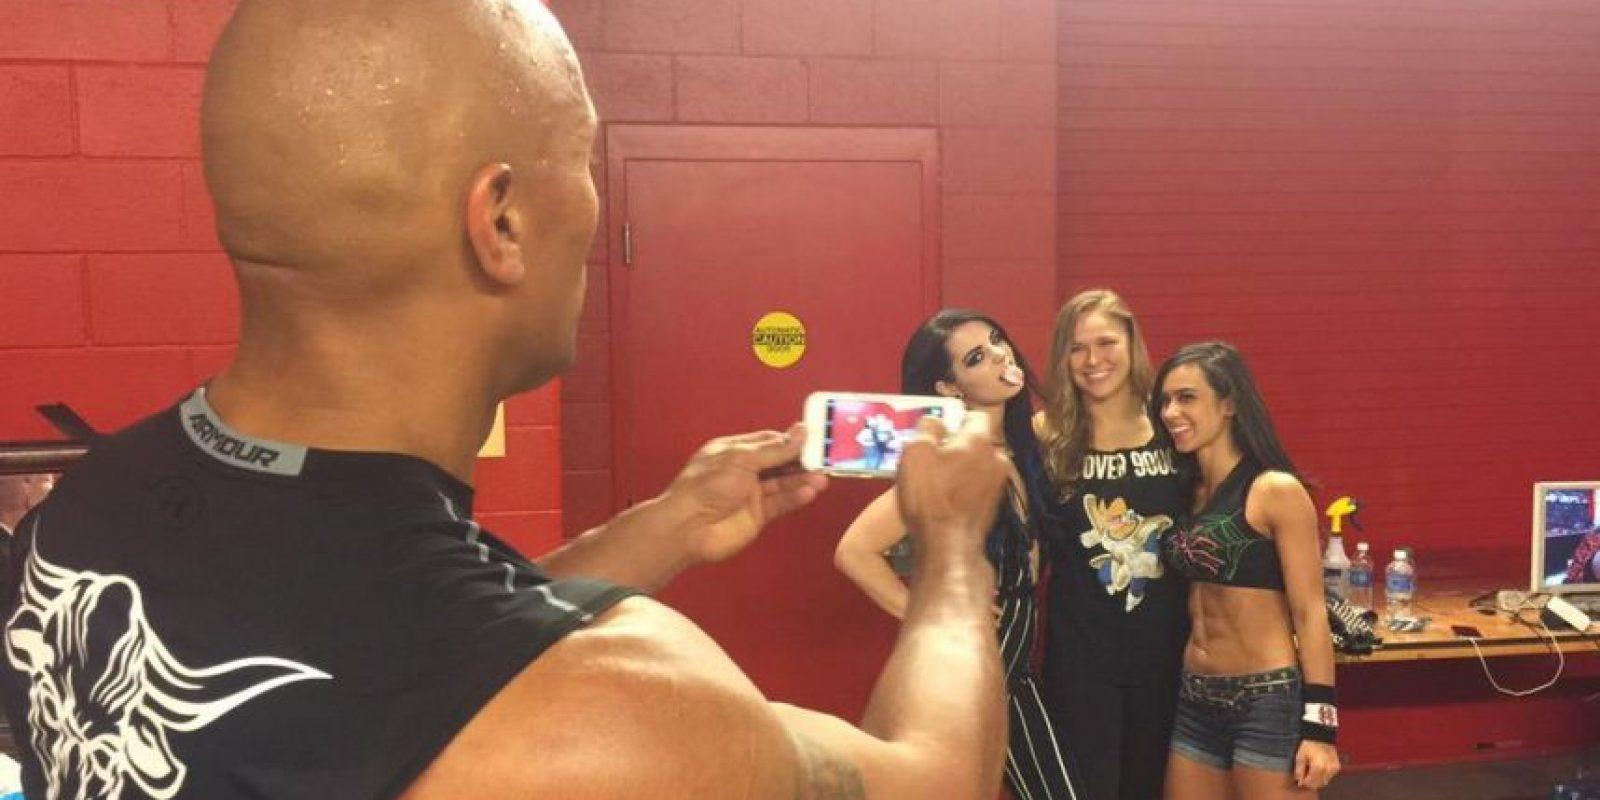 La Roca toma una foto a Ronda con las divas Paige y AJ Lee Foto:Twitter: @WWE